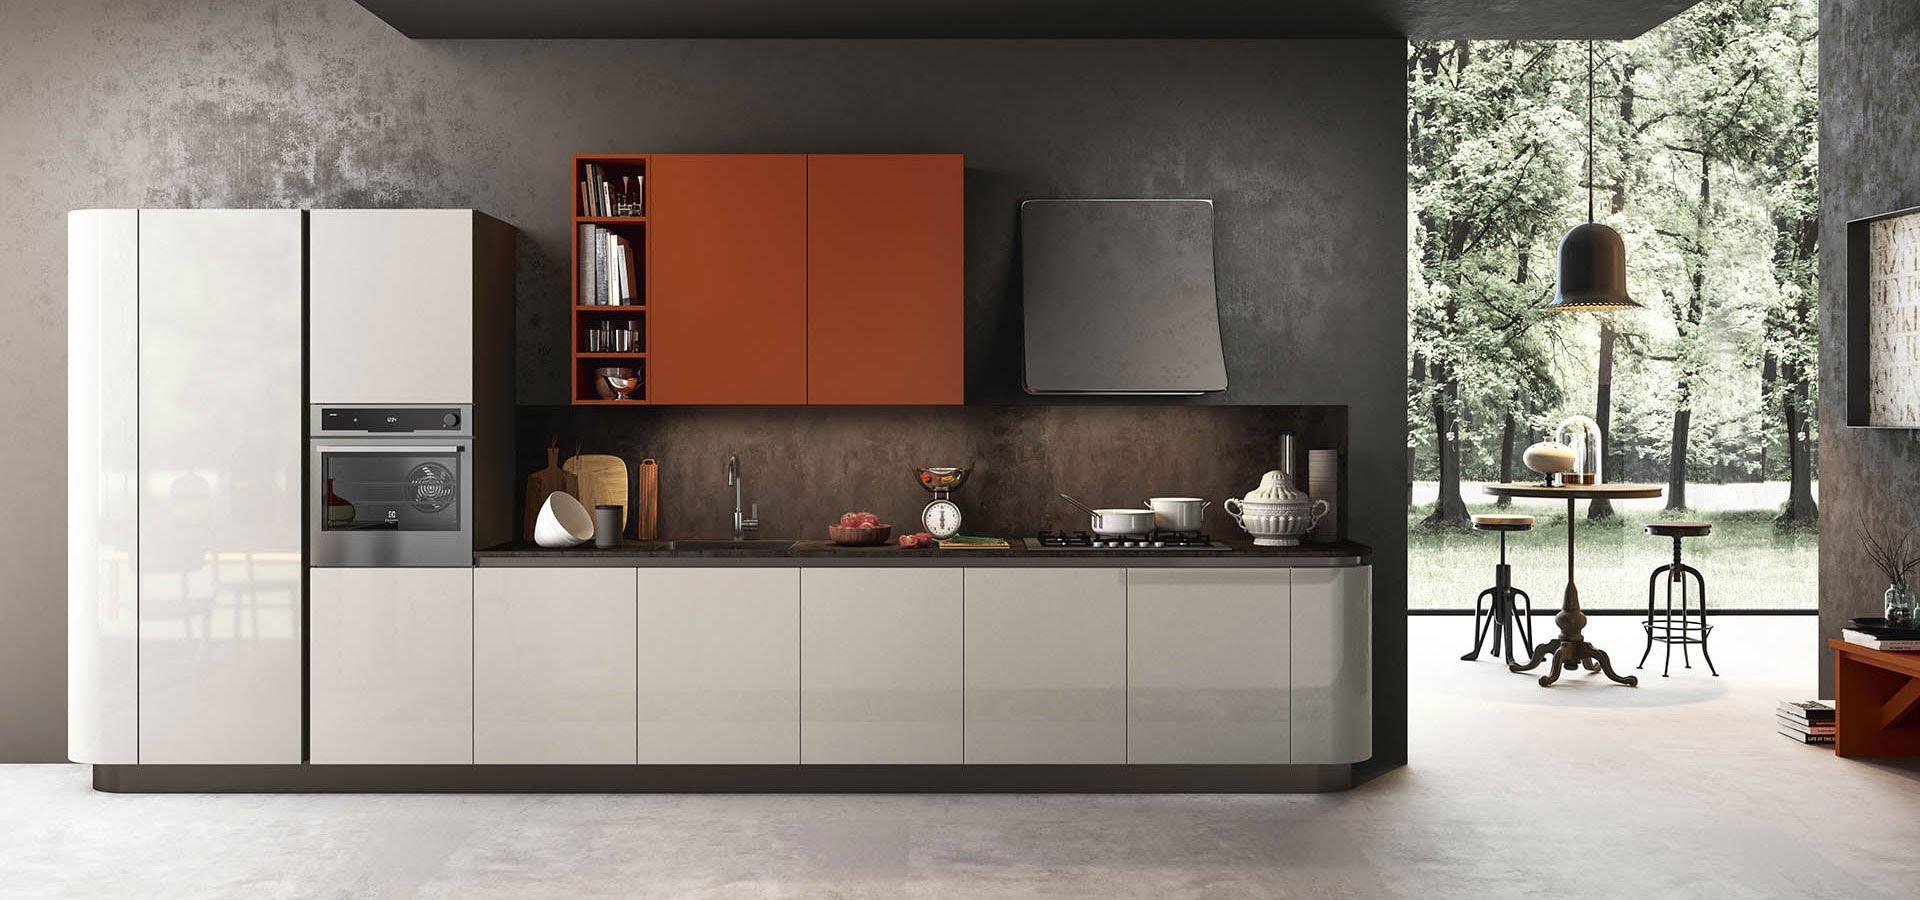 D couvrez les cuisines de notre partenaire arredo plans for Fournisseur cuisine italienne